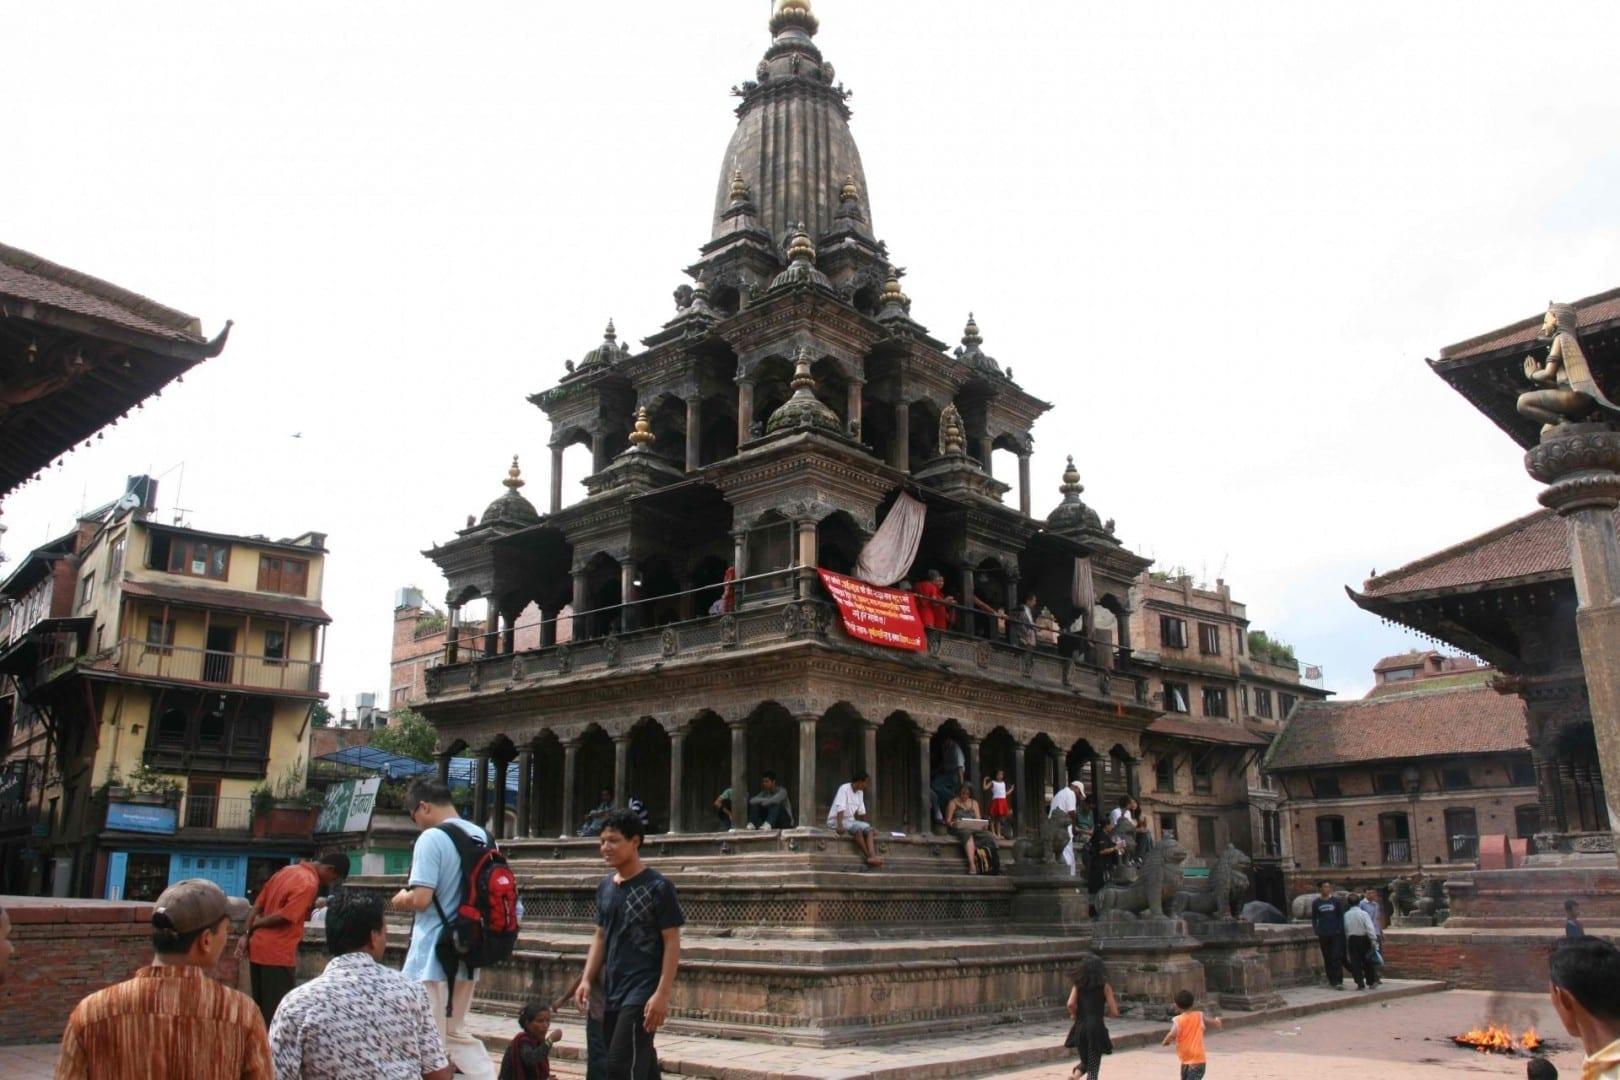 Una vista del templo de piedra de Krishna con Garuda a la derecha. Patan Nepal